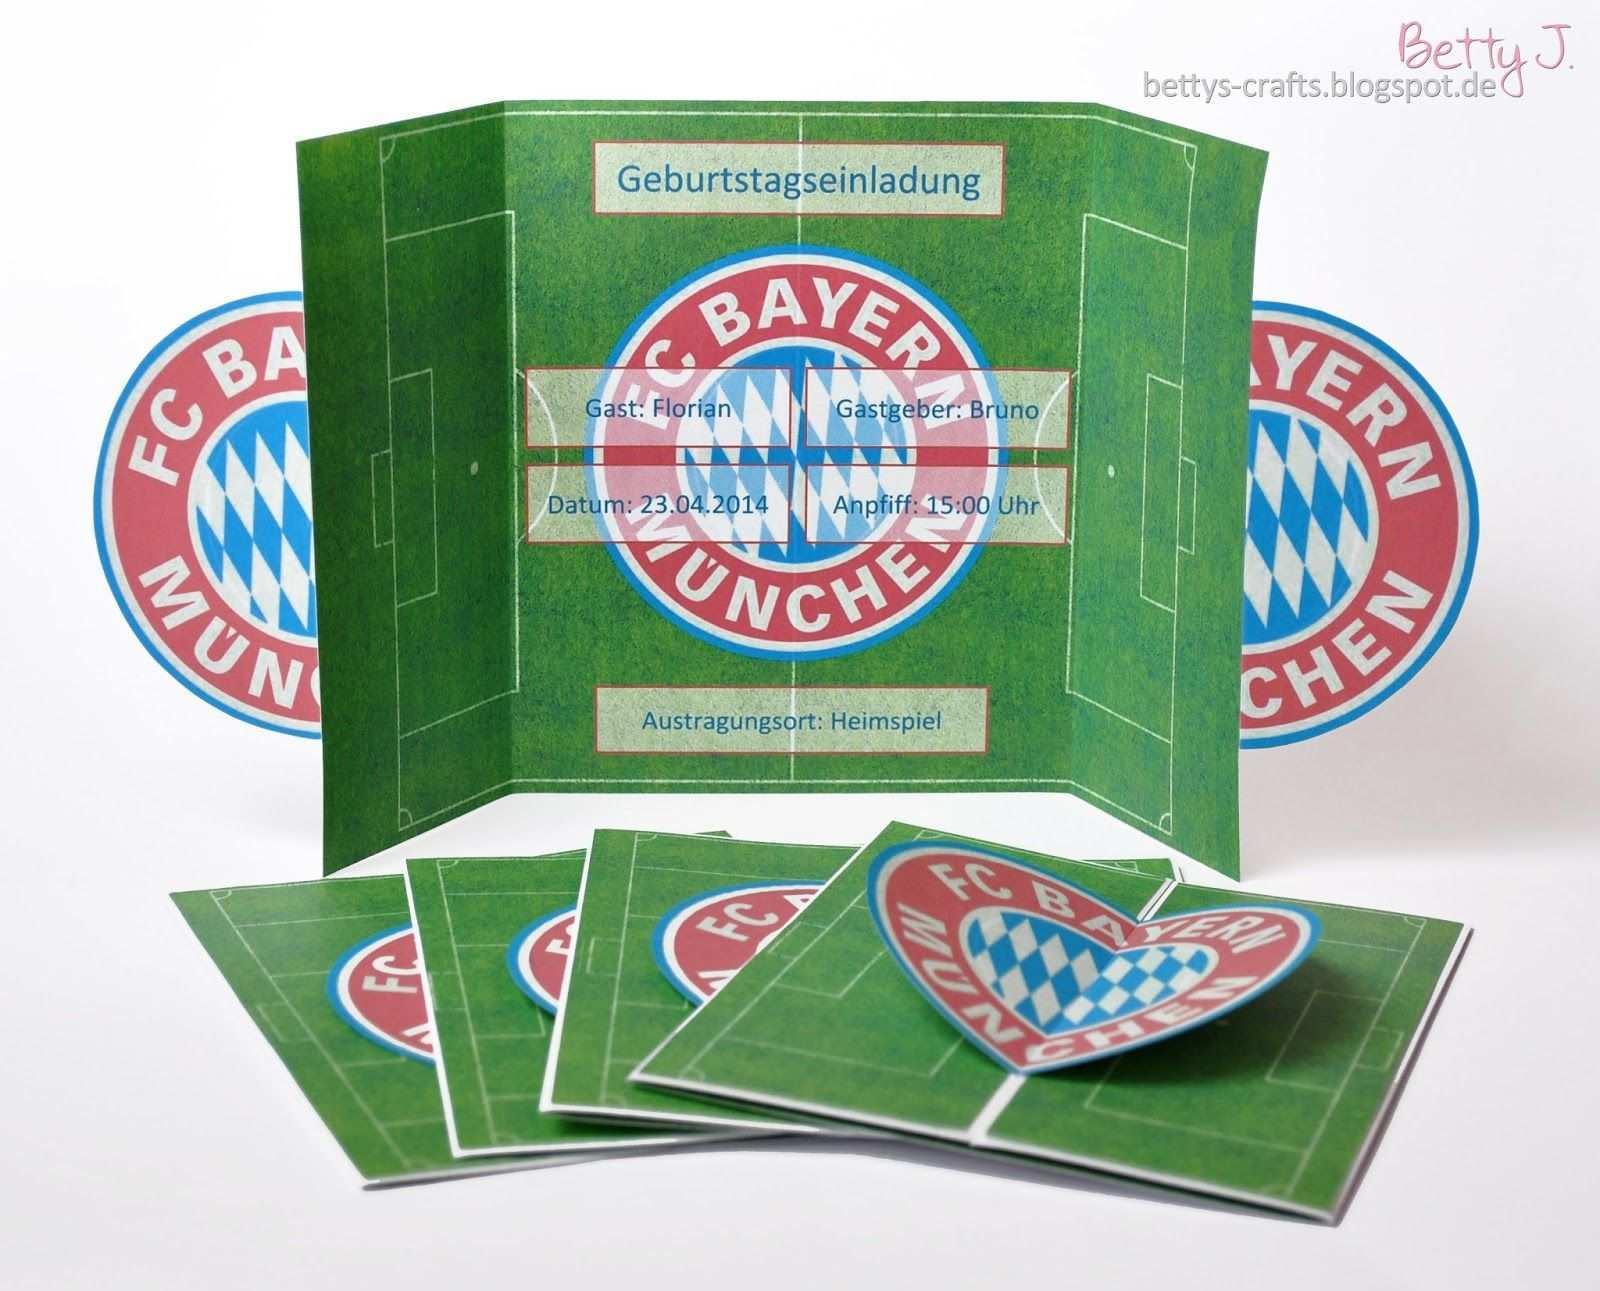 Bayern Munchen Geburtstagseinladung Animierte Geburtstagskarten Geburtstagskarte Geburtstagseinladungen